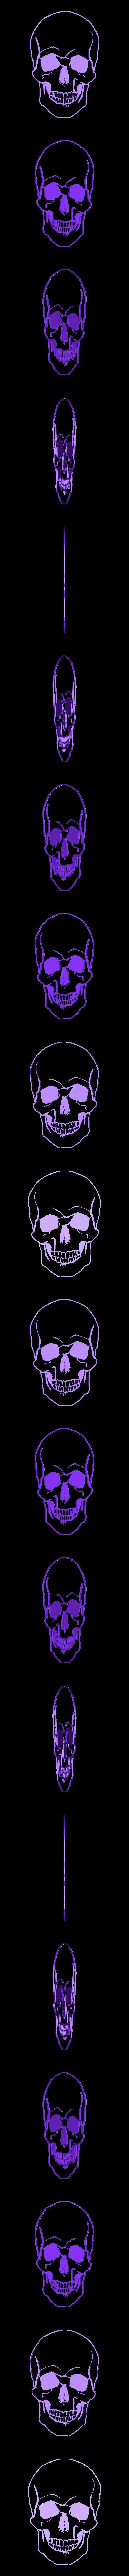 meSkull2a.stl Descargar archivo STL Skull Wall (curves) • Diseño para impresión en 3D, miguelonmex